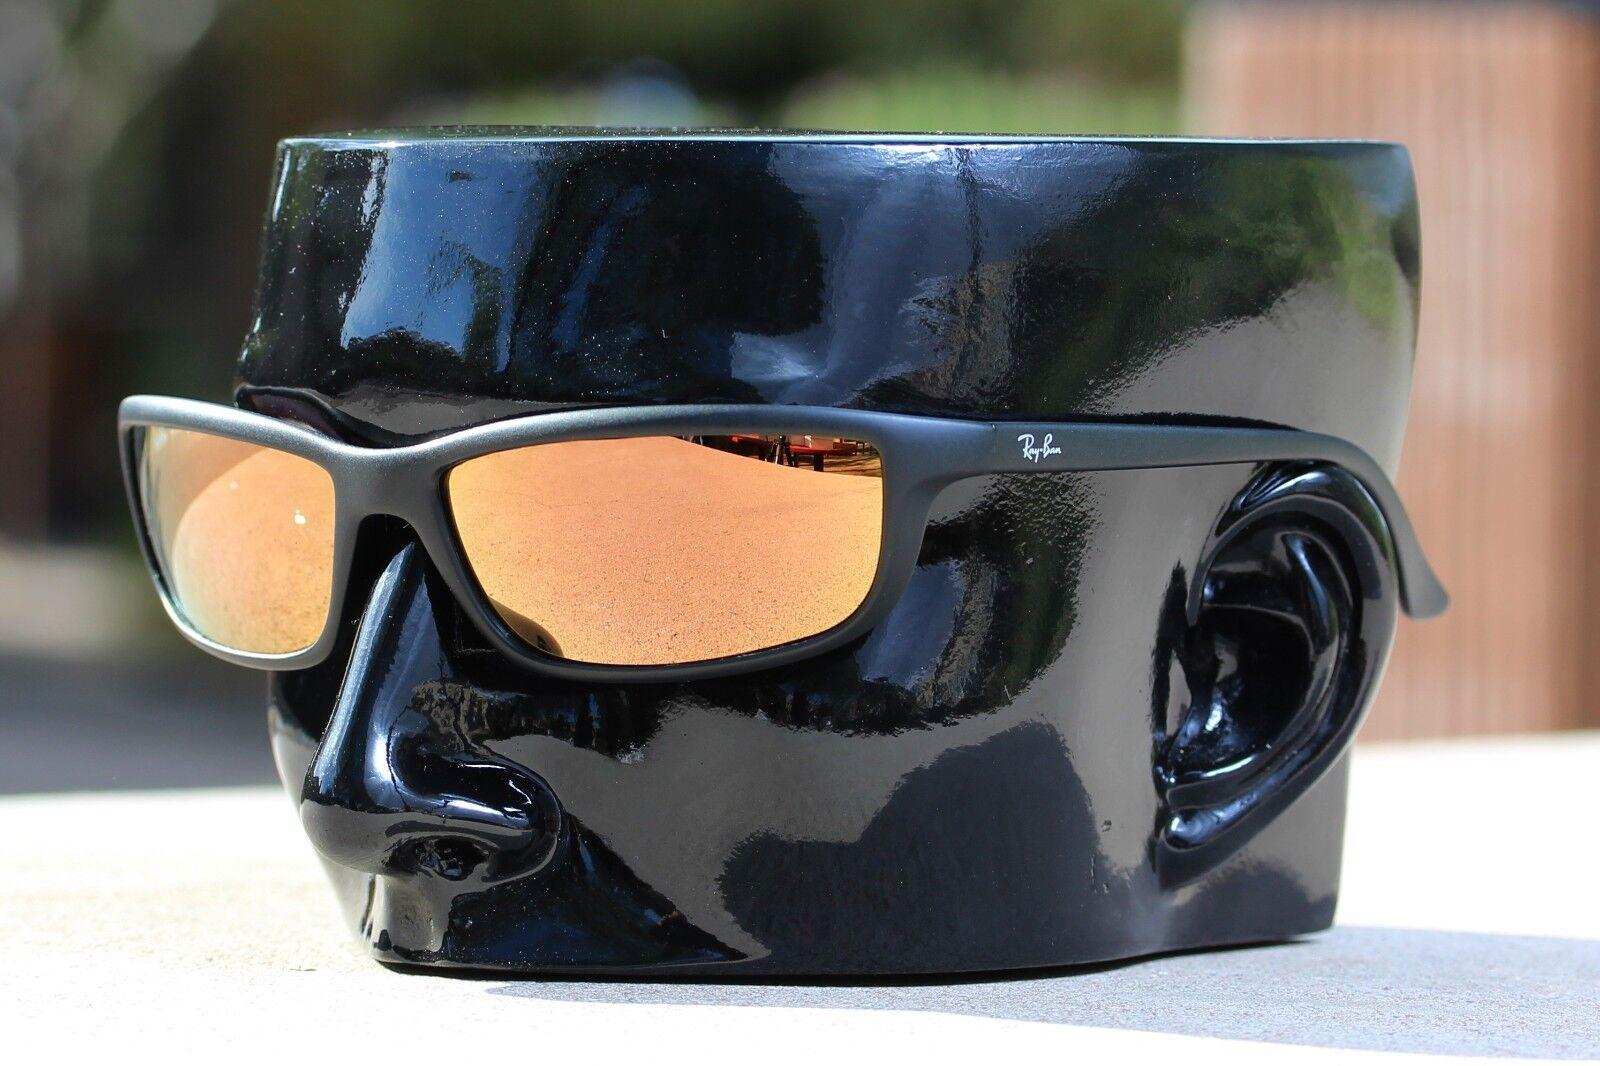 ee9f004f3f Ikon Lenses For Ray Ban